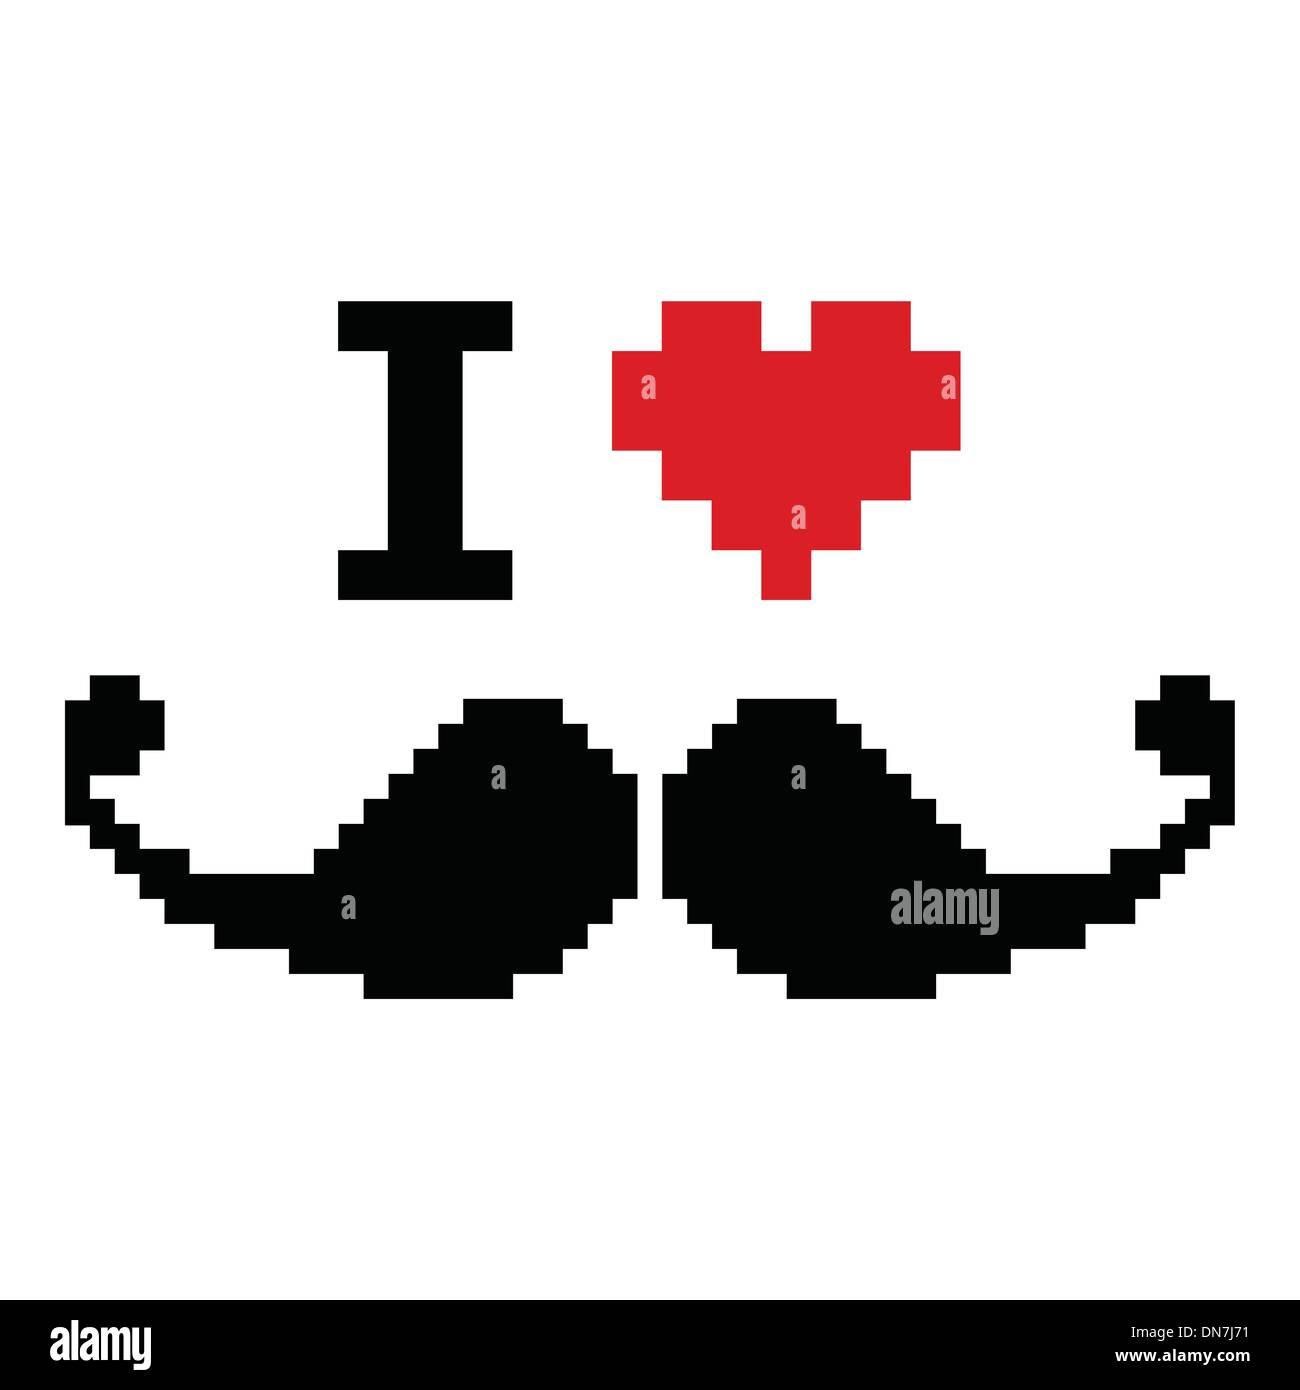 Ich liebe Schnurrbart pixelig, Retro-geeky Zeichen Stockbild